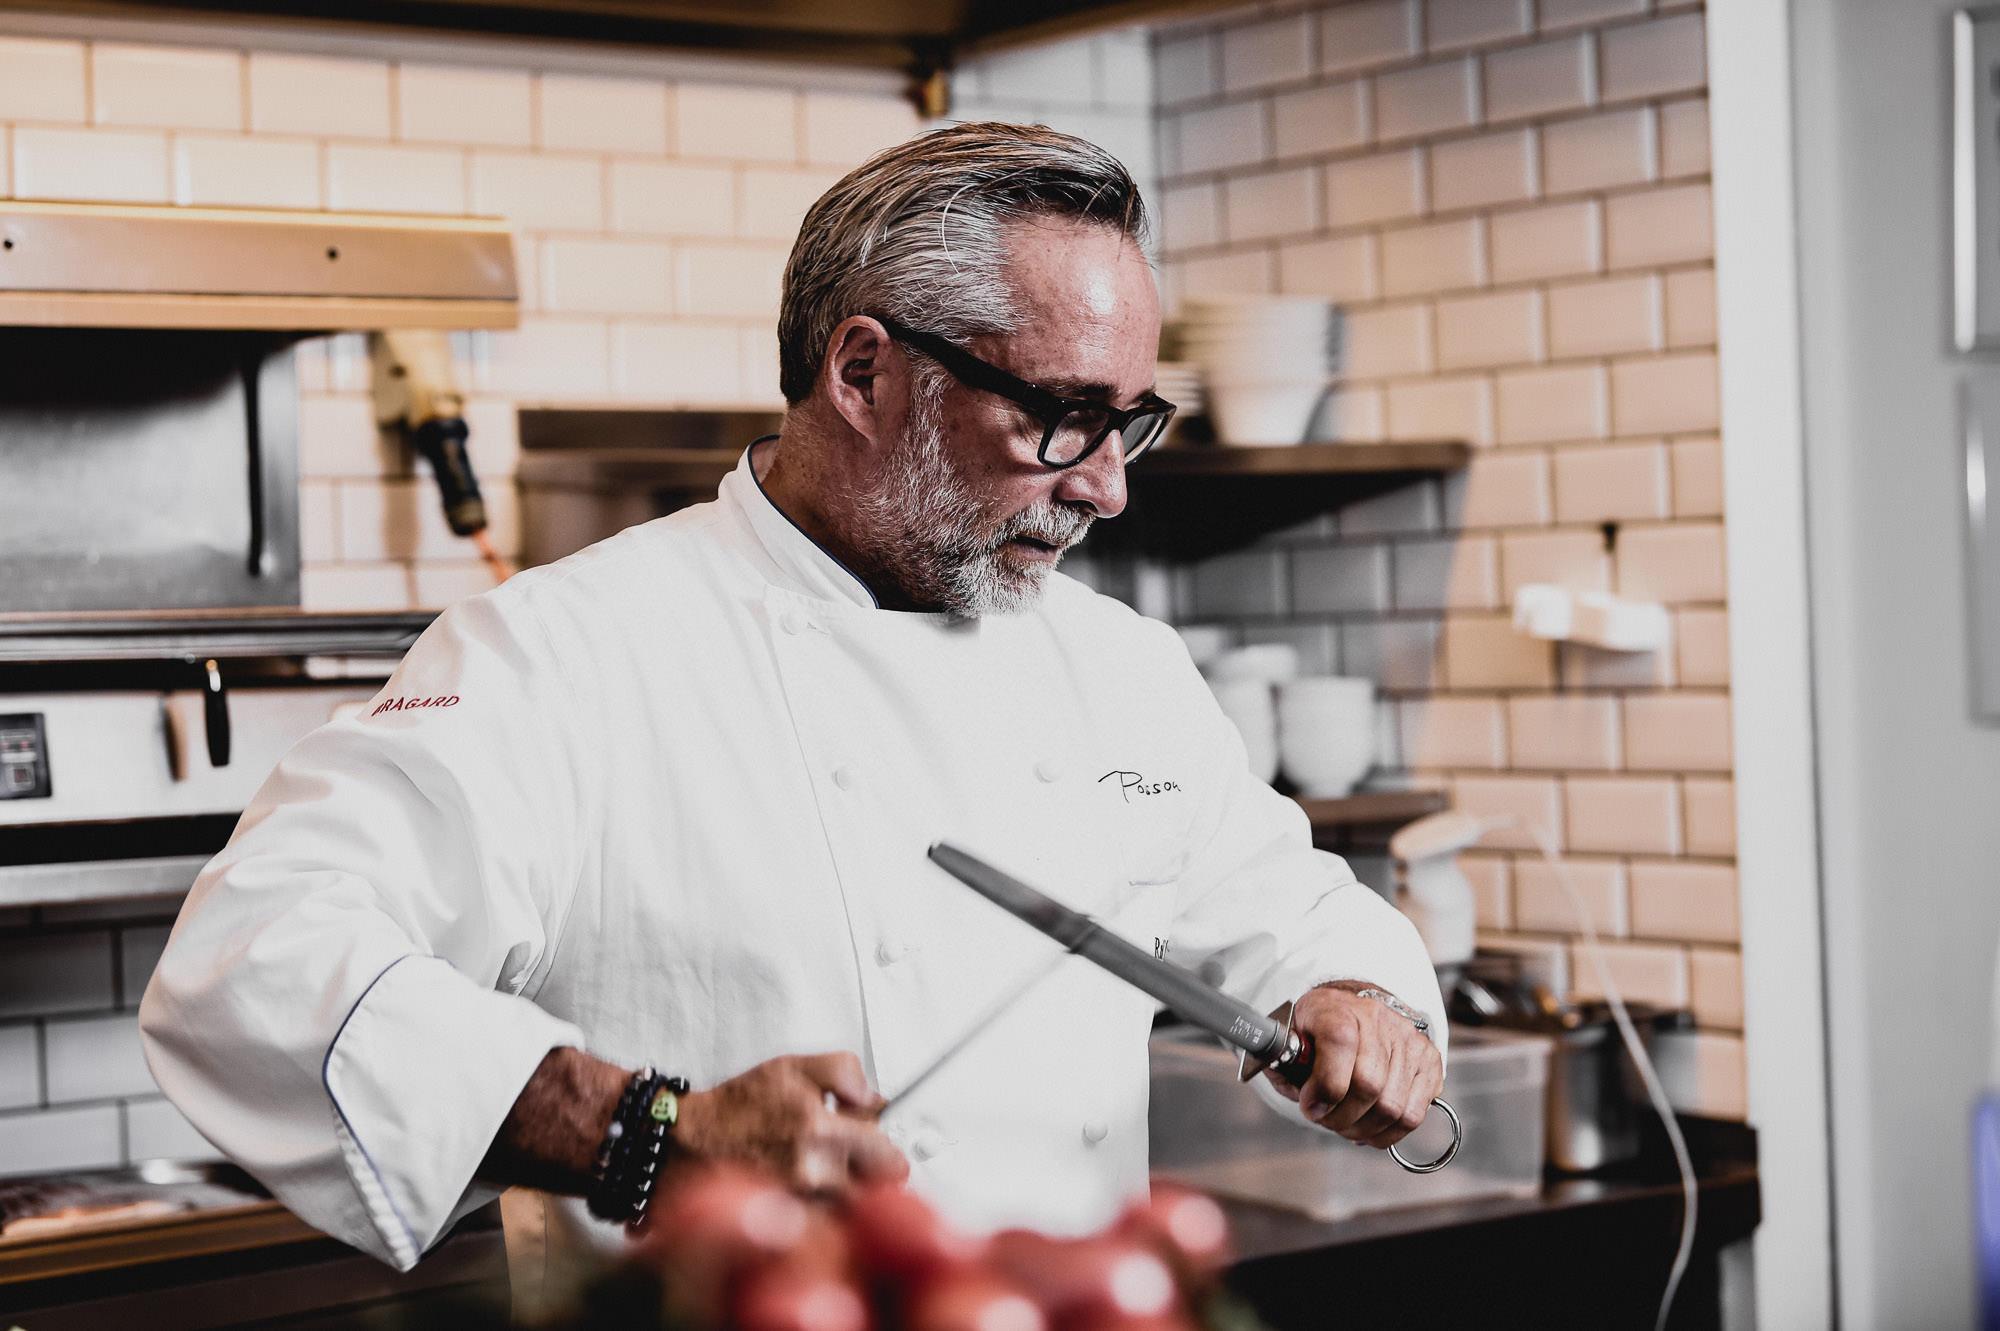 Küchenchef Ralf Marhencke schleift die Messer